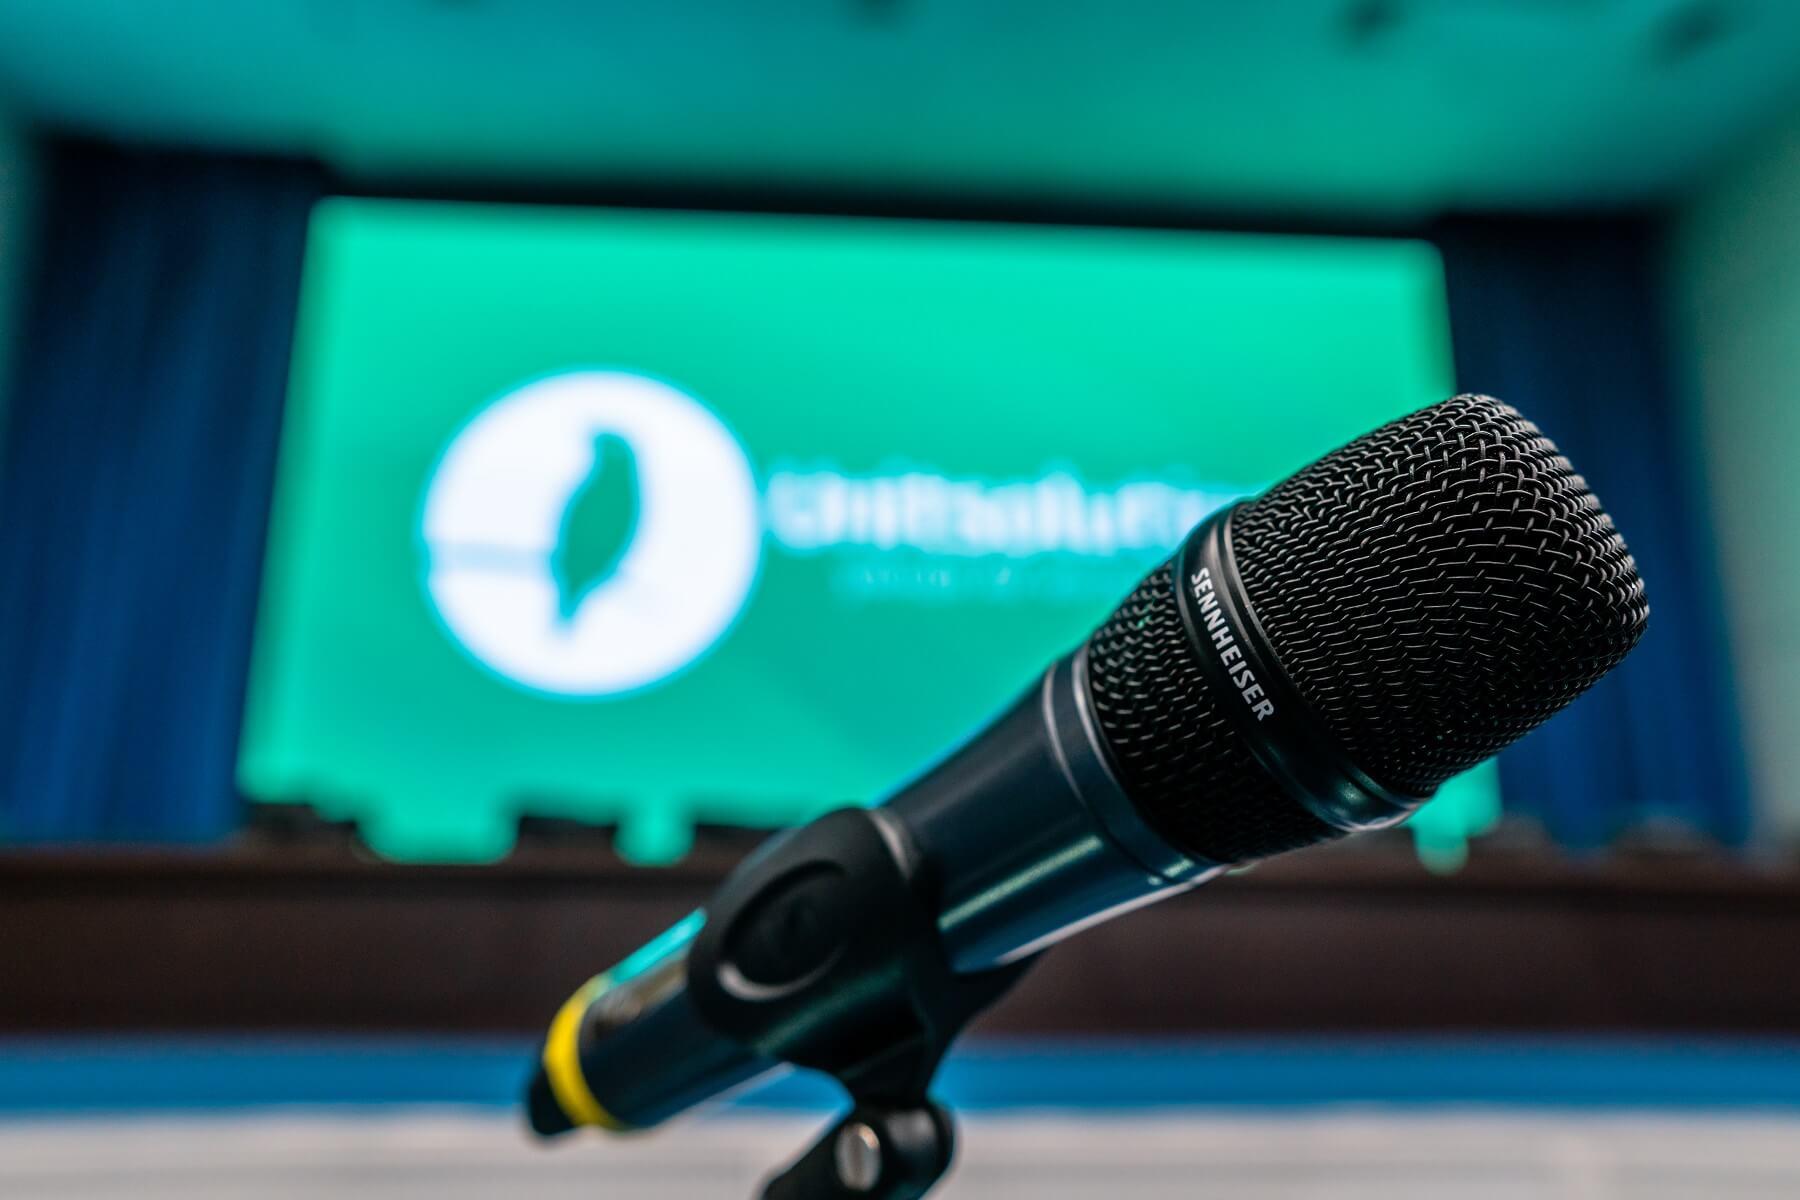 микрофоны Sennheiser EW 100 G4-835-S-A1